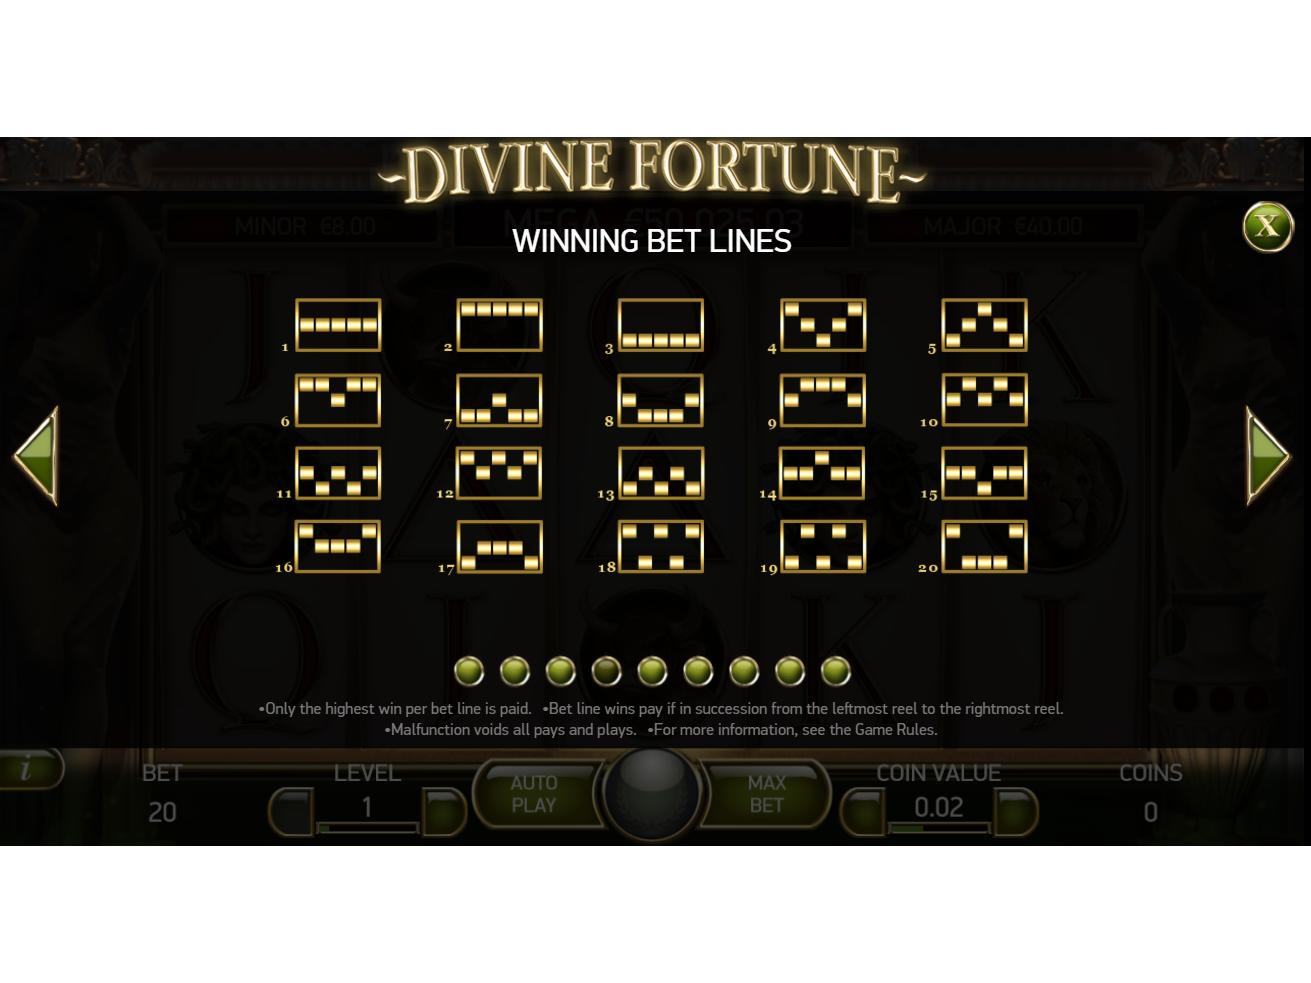 Jetzt Divine Fortune online spielen